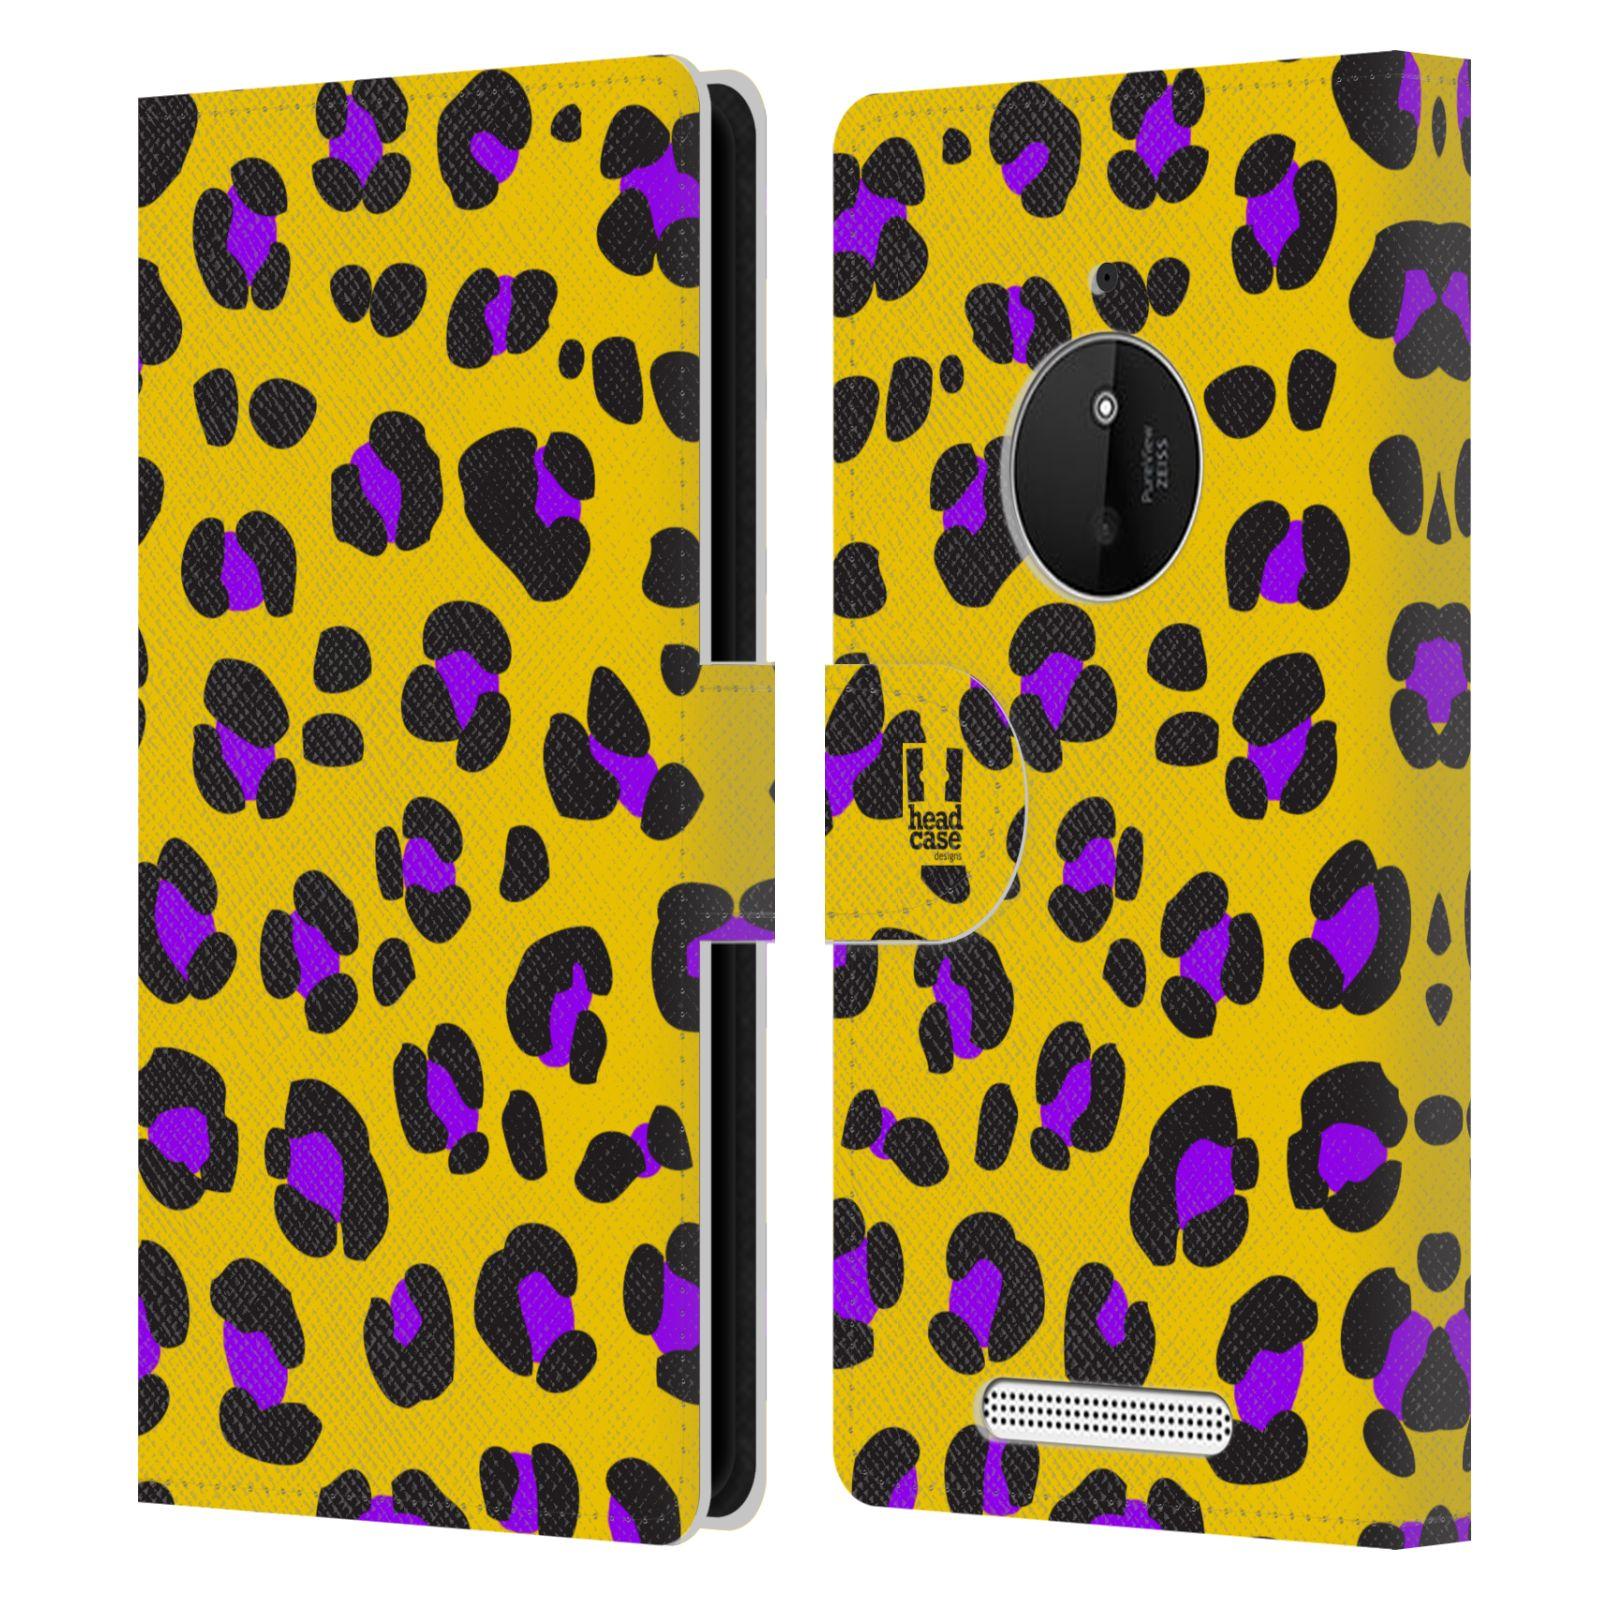 HEAD CASE Flipové pouzdro pro mobil NOKIA LUMIA 830 Zvířecí barevné vzory žlutý leopard fialové skvrny